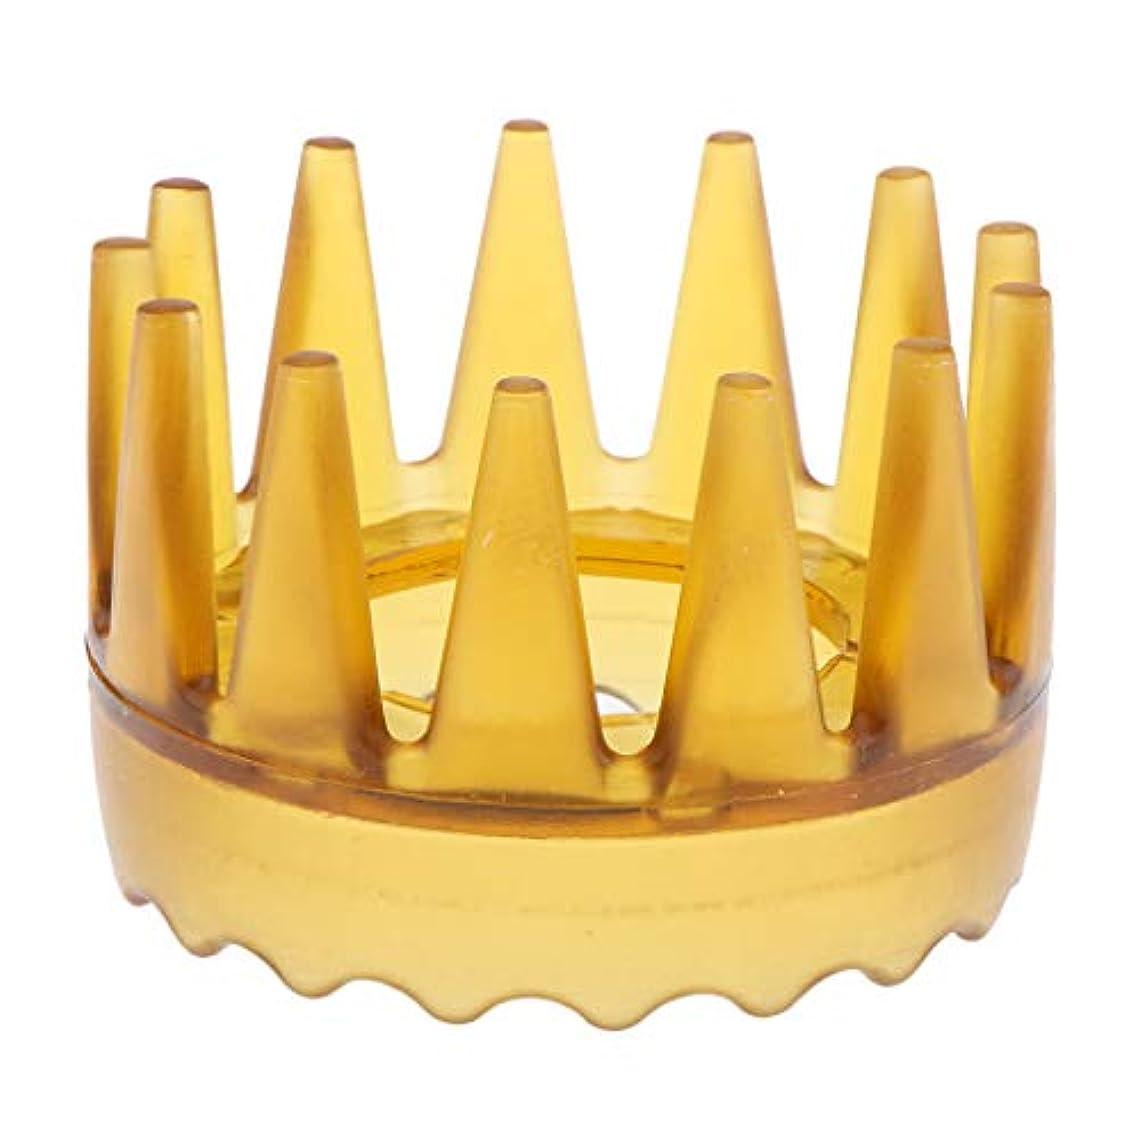 衣服印象的ページェントシャンプーブラシ 洗髪櫛 マッサージャー ヘアコーム ヘアブラシ 滑り止め 快適 リラックス 全4色 - 黄